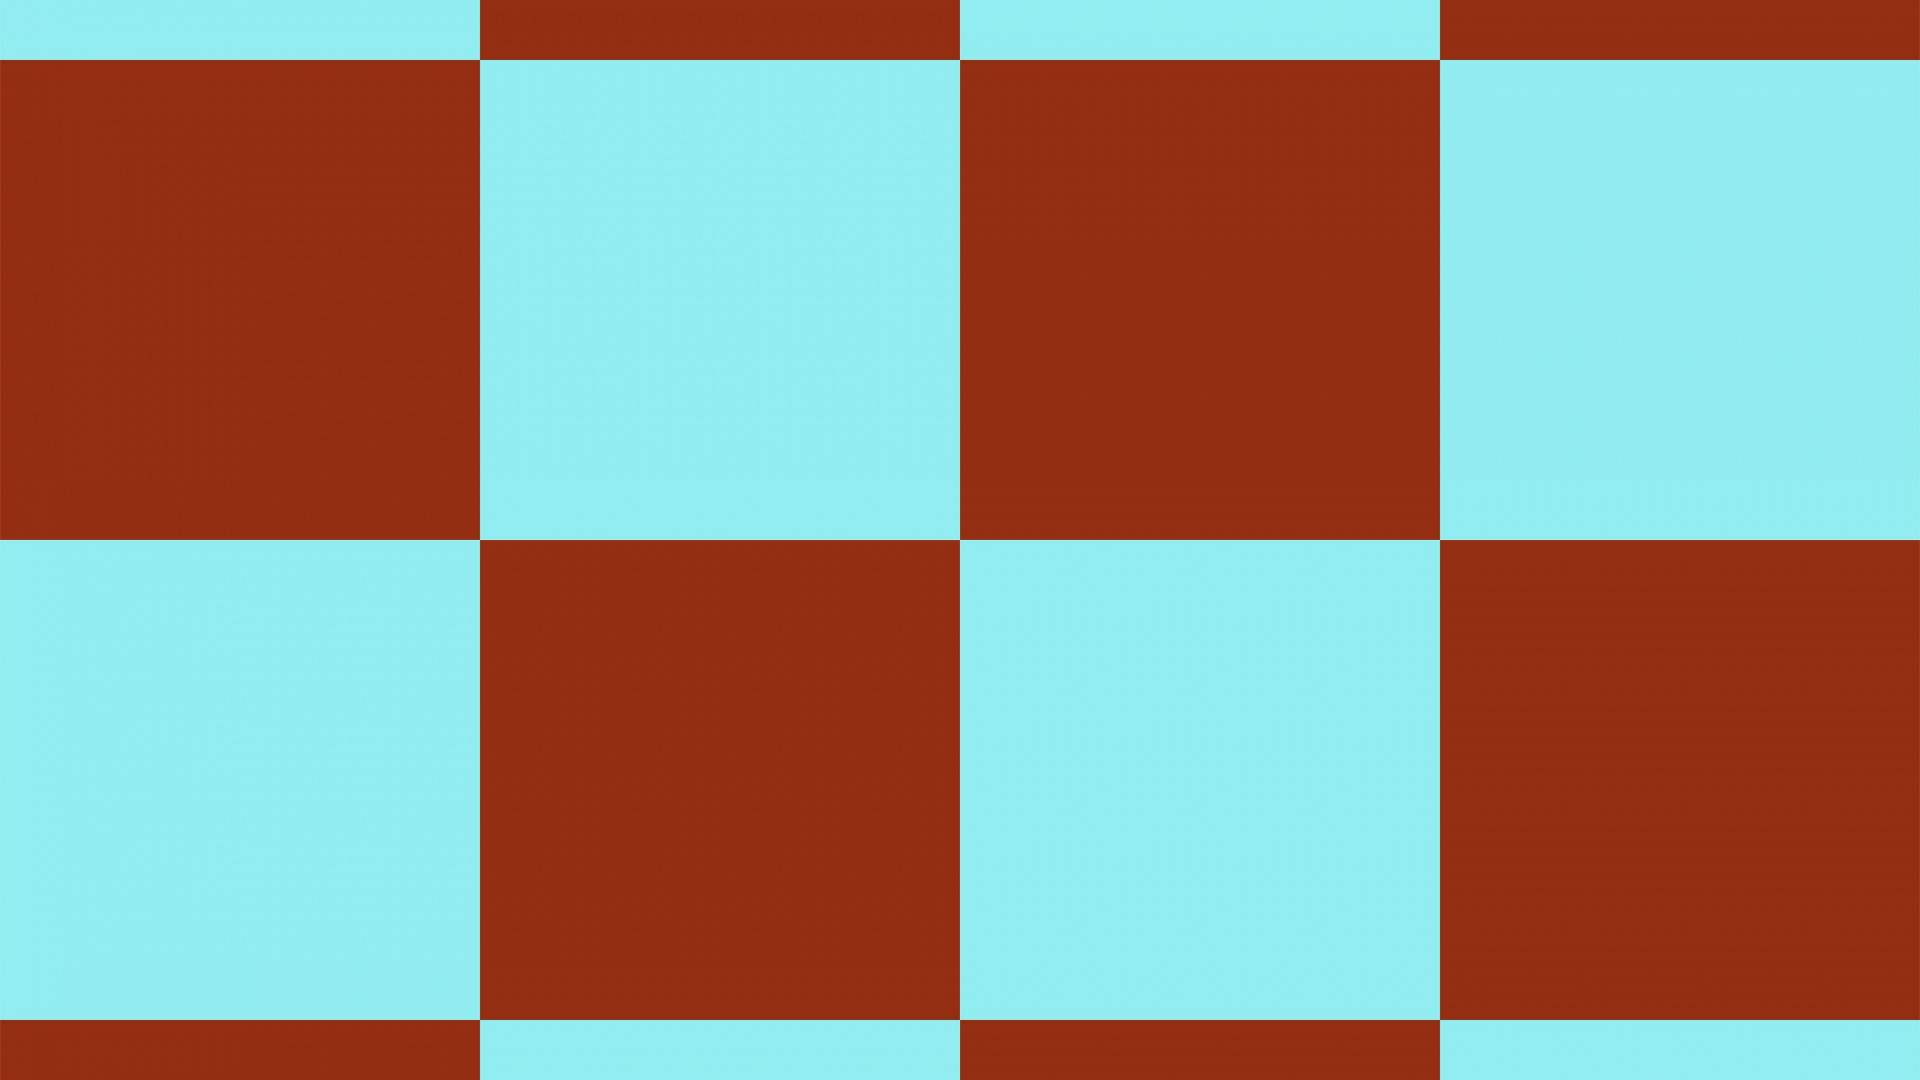 обои текстура, квадраты, голубой, коричневый картинки фото